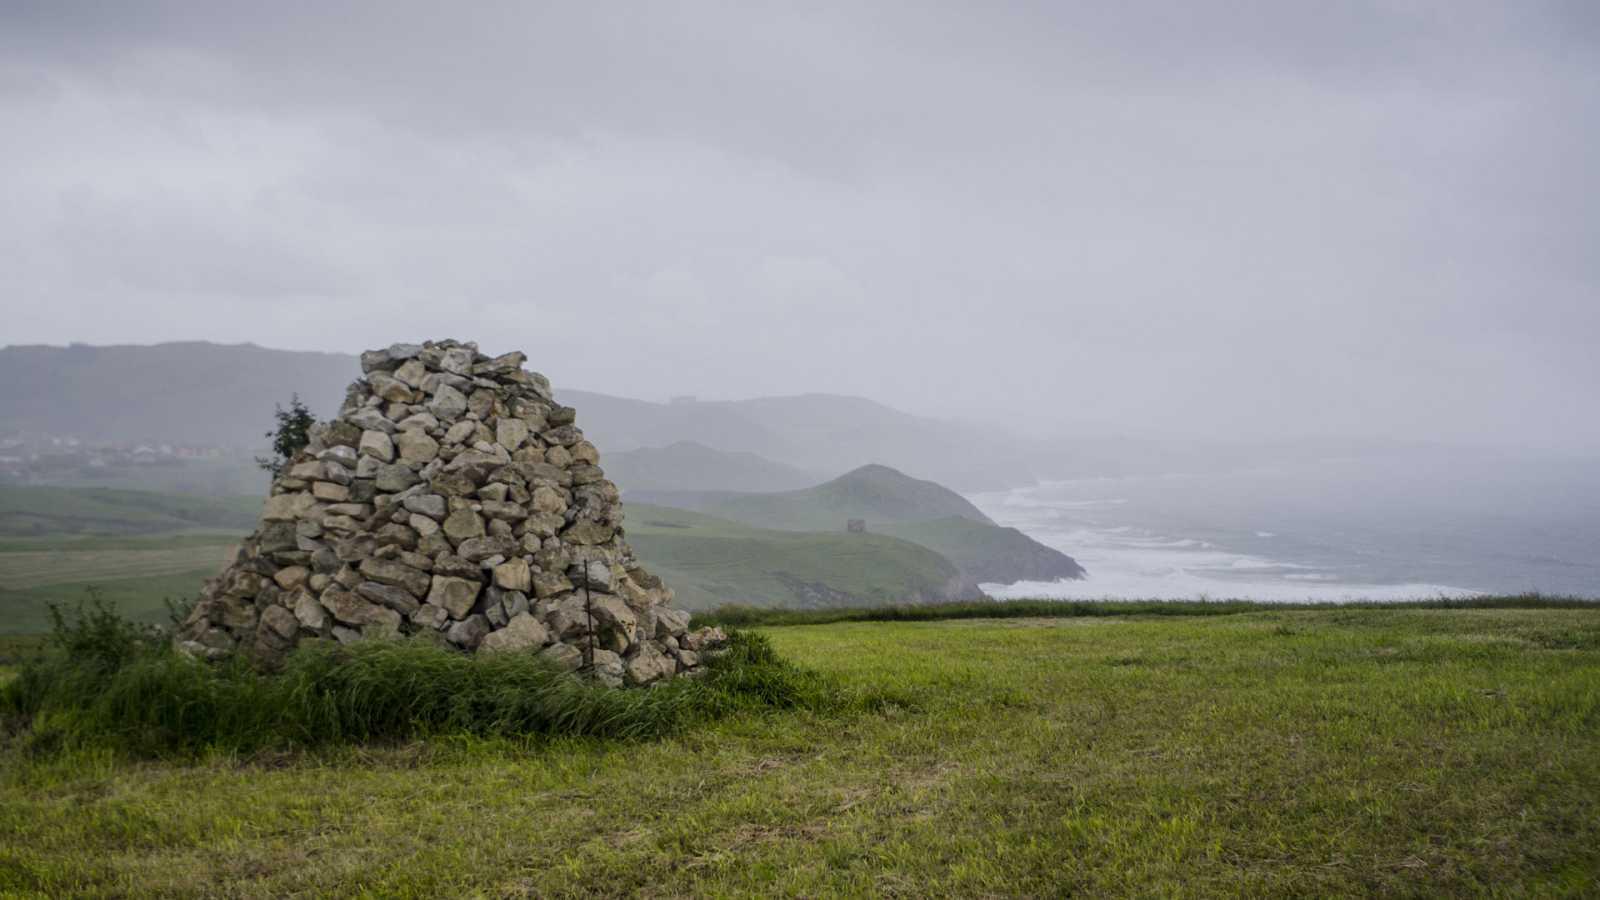 Un frente atlántico deja precipitaciones en Galicia, cornisa cantábrica y Castilla y León - ver ahora